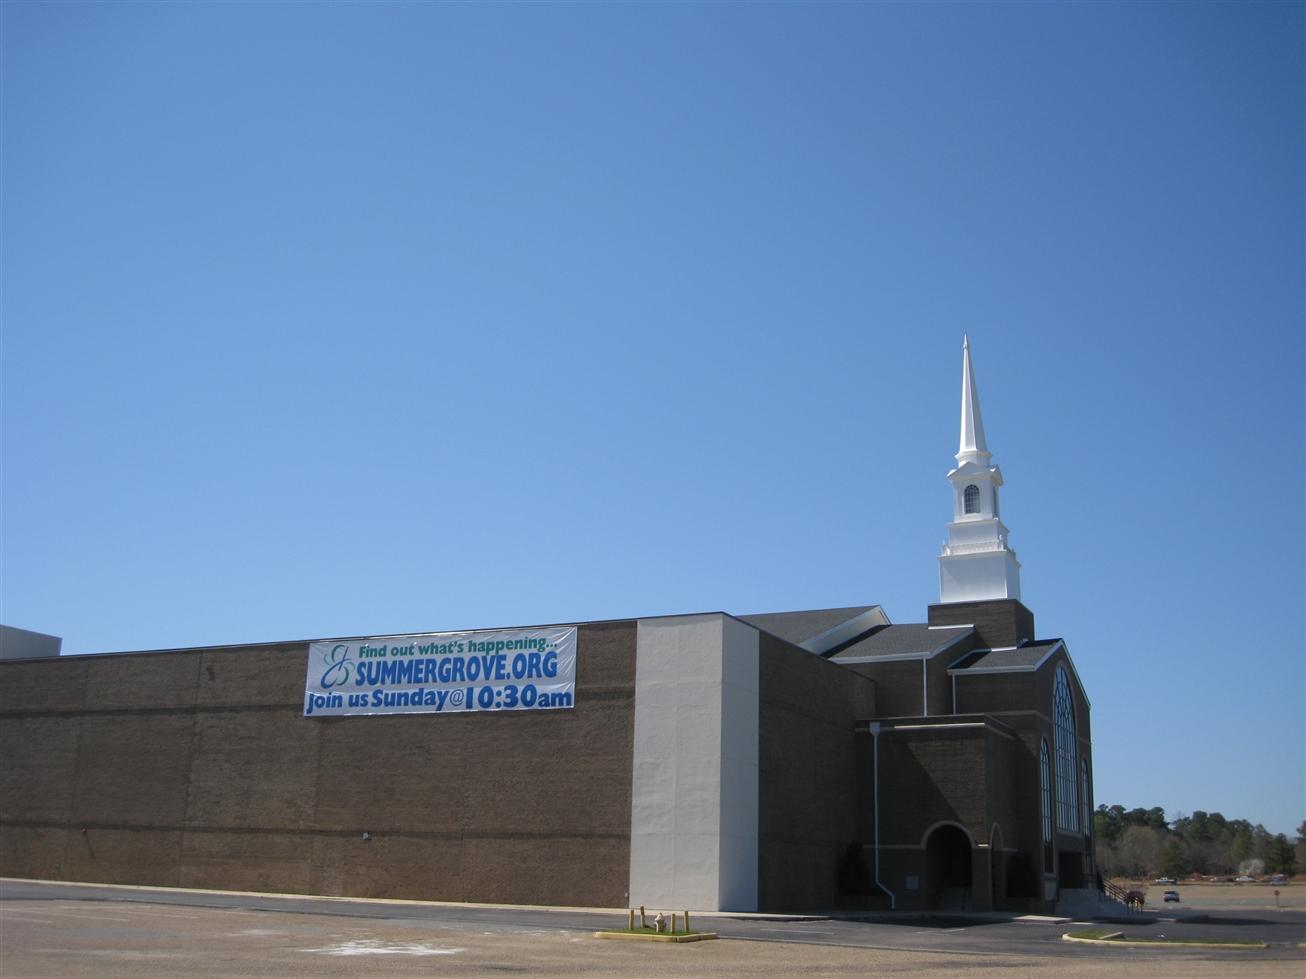 South Park Mall / Summer Grove Church former JCPenney in Shreveport, LA